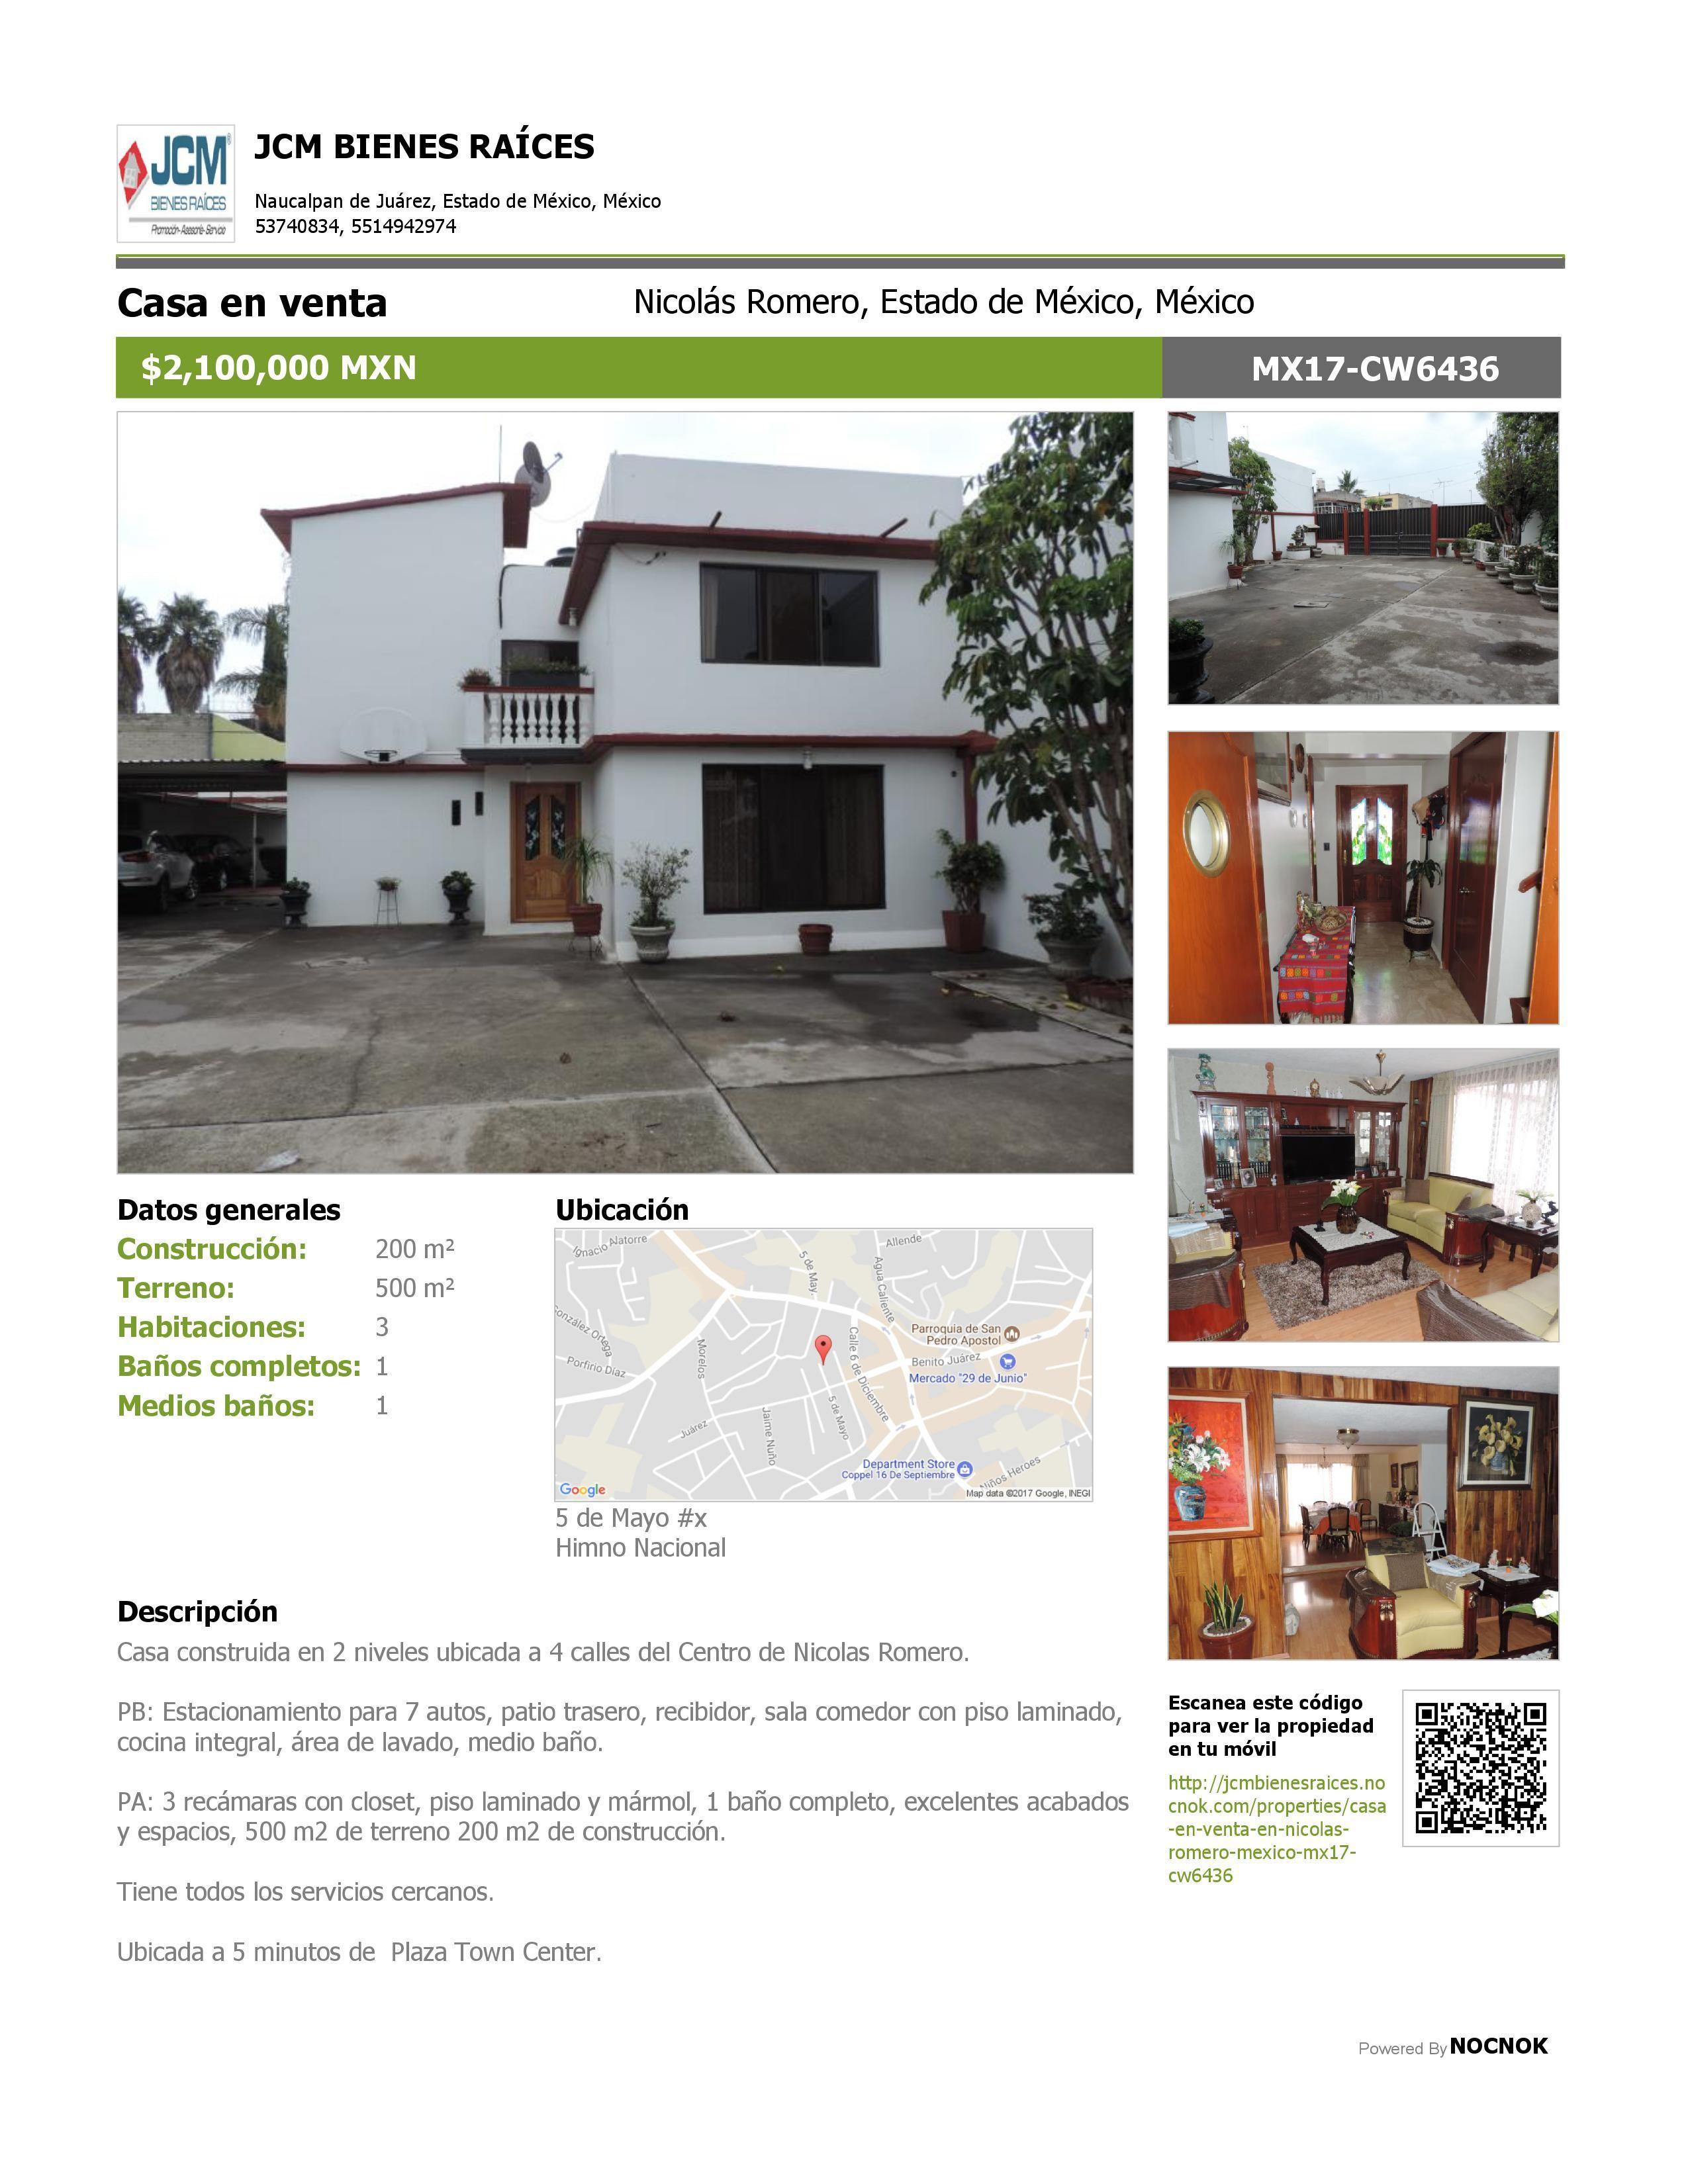 MX17CW6436 Casa en venta en calle 5 de Mayo, Himno